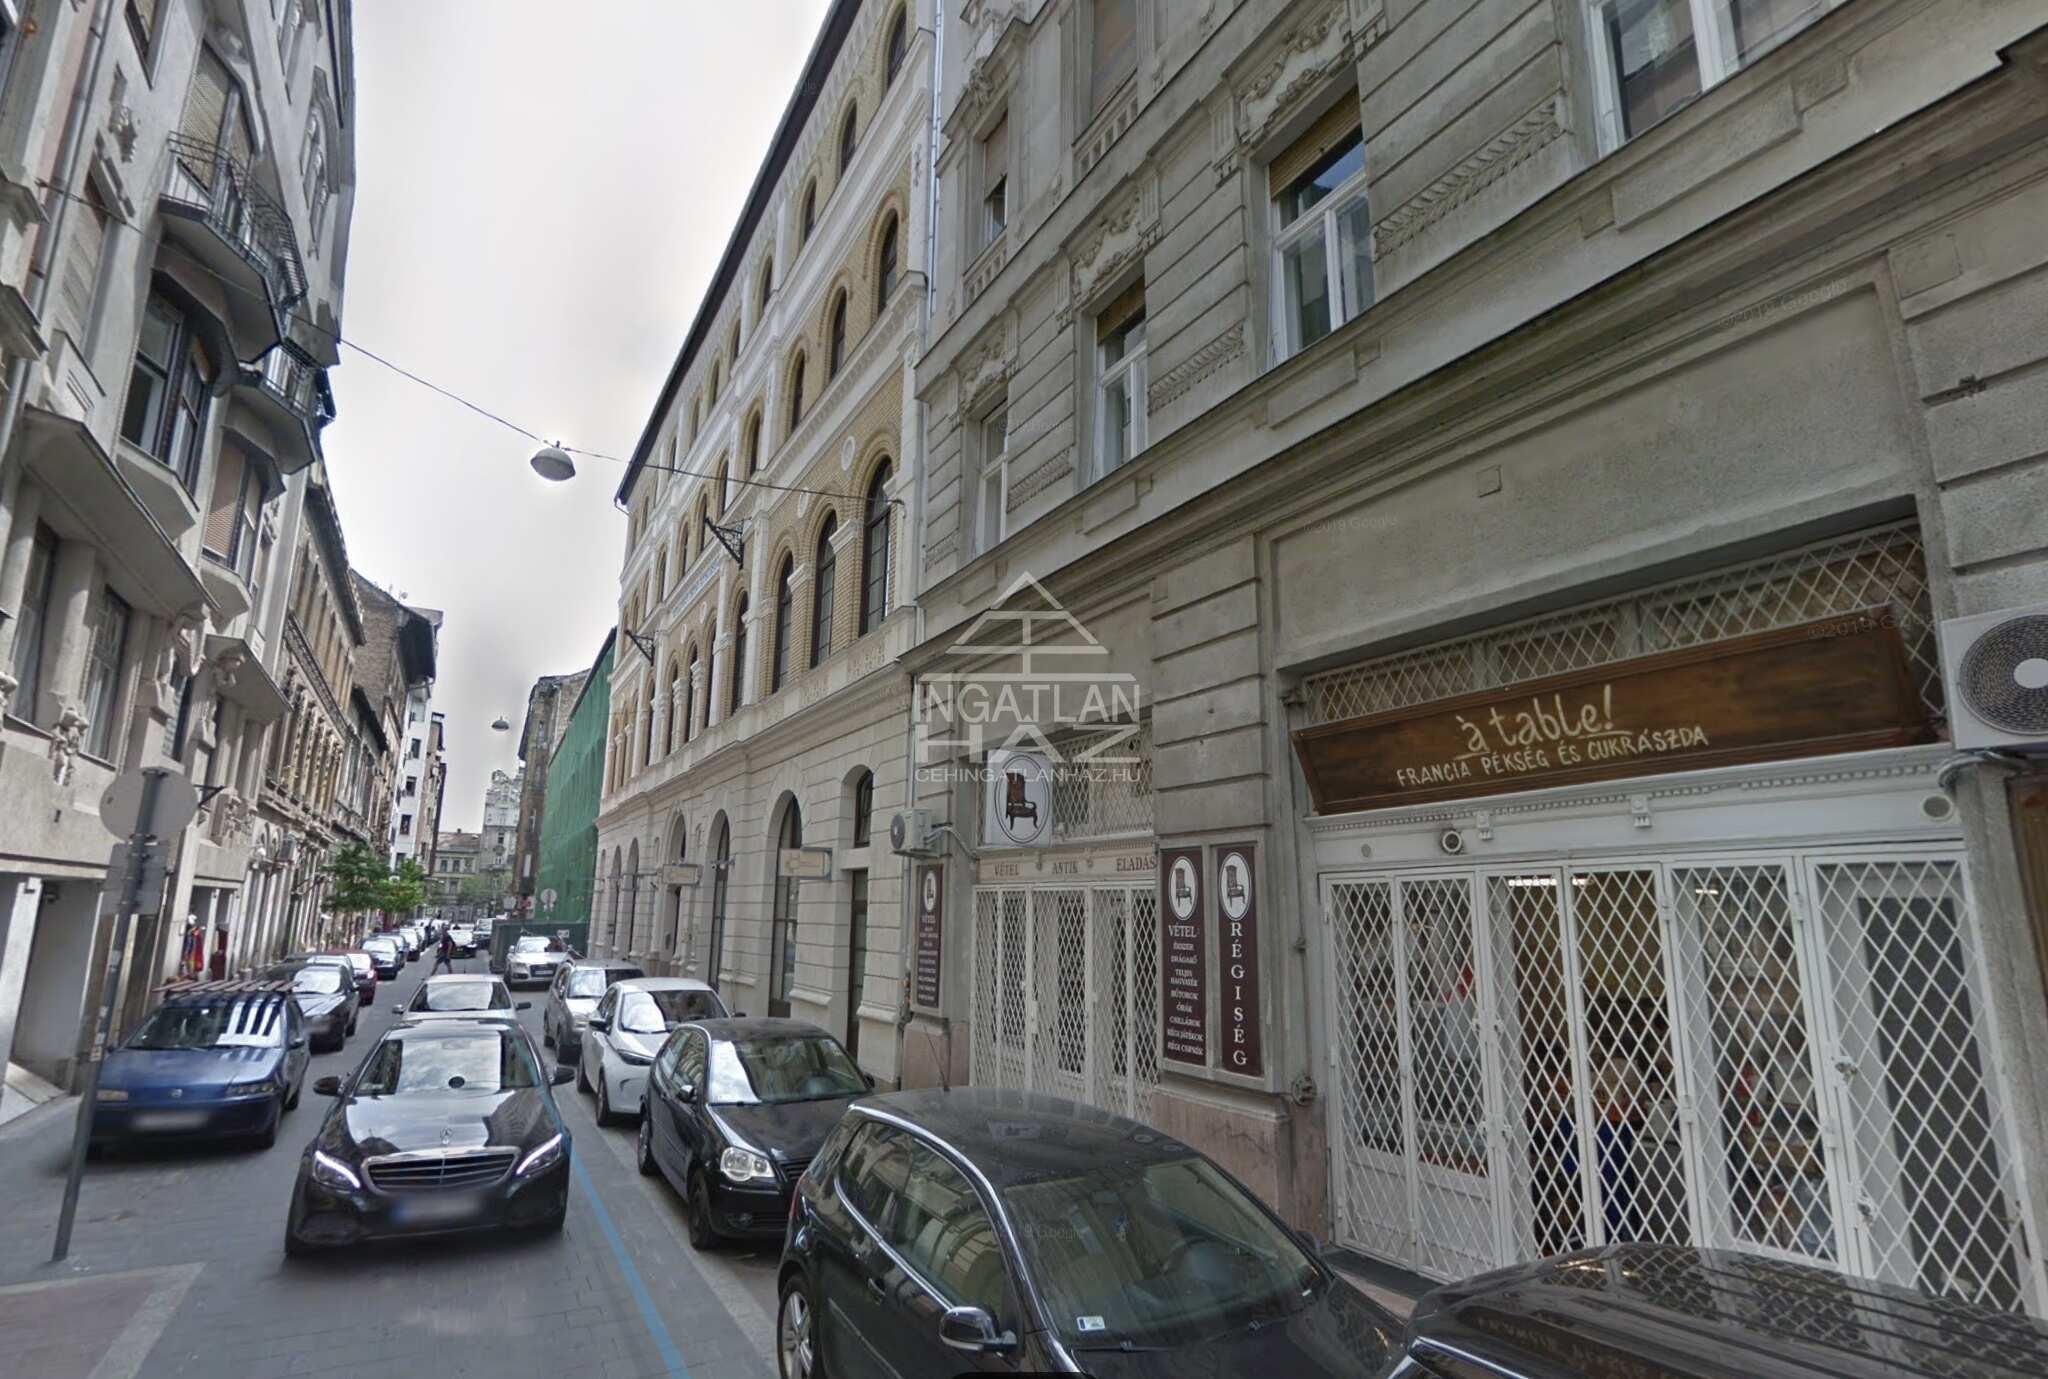 VII.kerület, vigalminegyed, Dohány u.-nál, Síp u. 90m2, melegkonyhás,teljesen berendezett, felújított, utcai, kirakatos, üzlethelyiség eladò